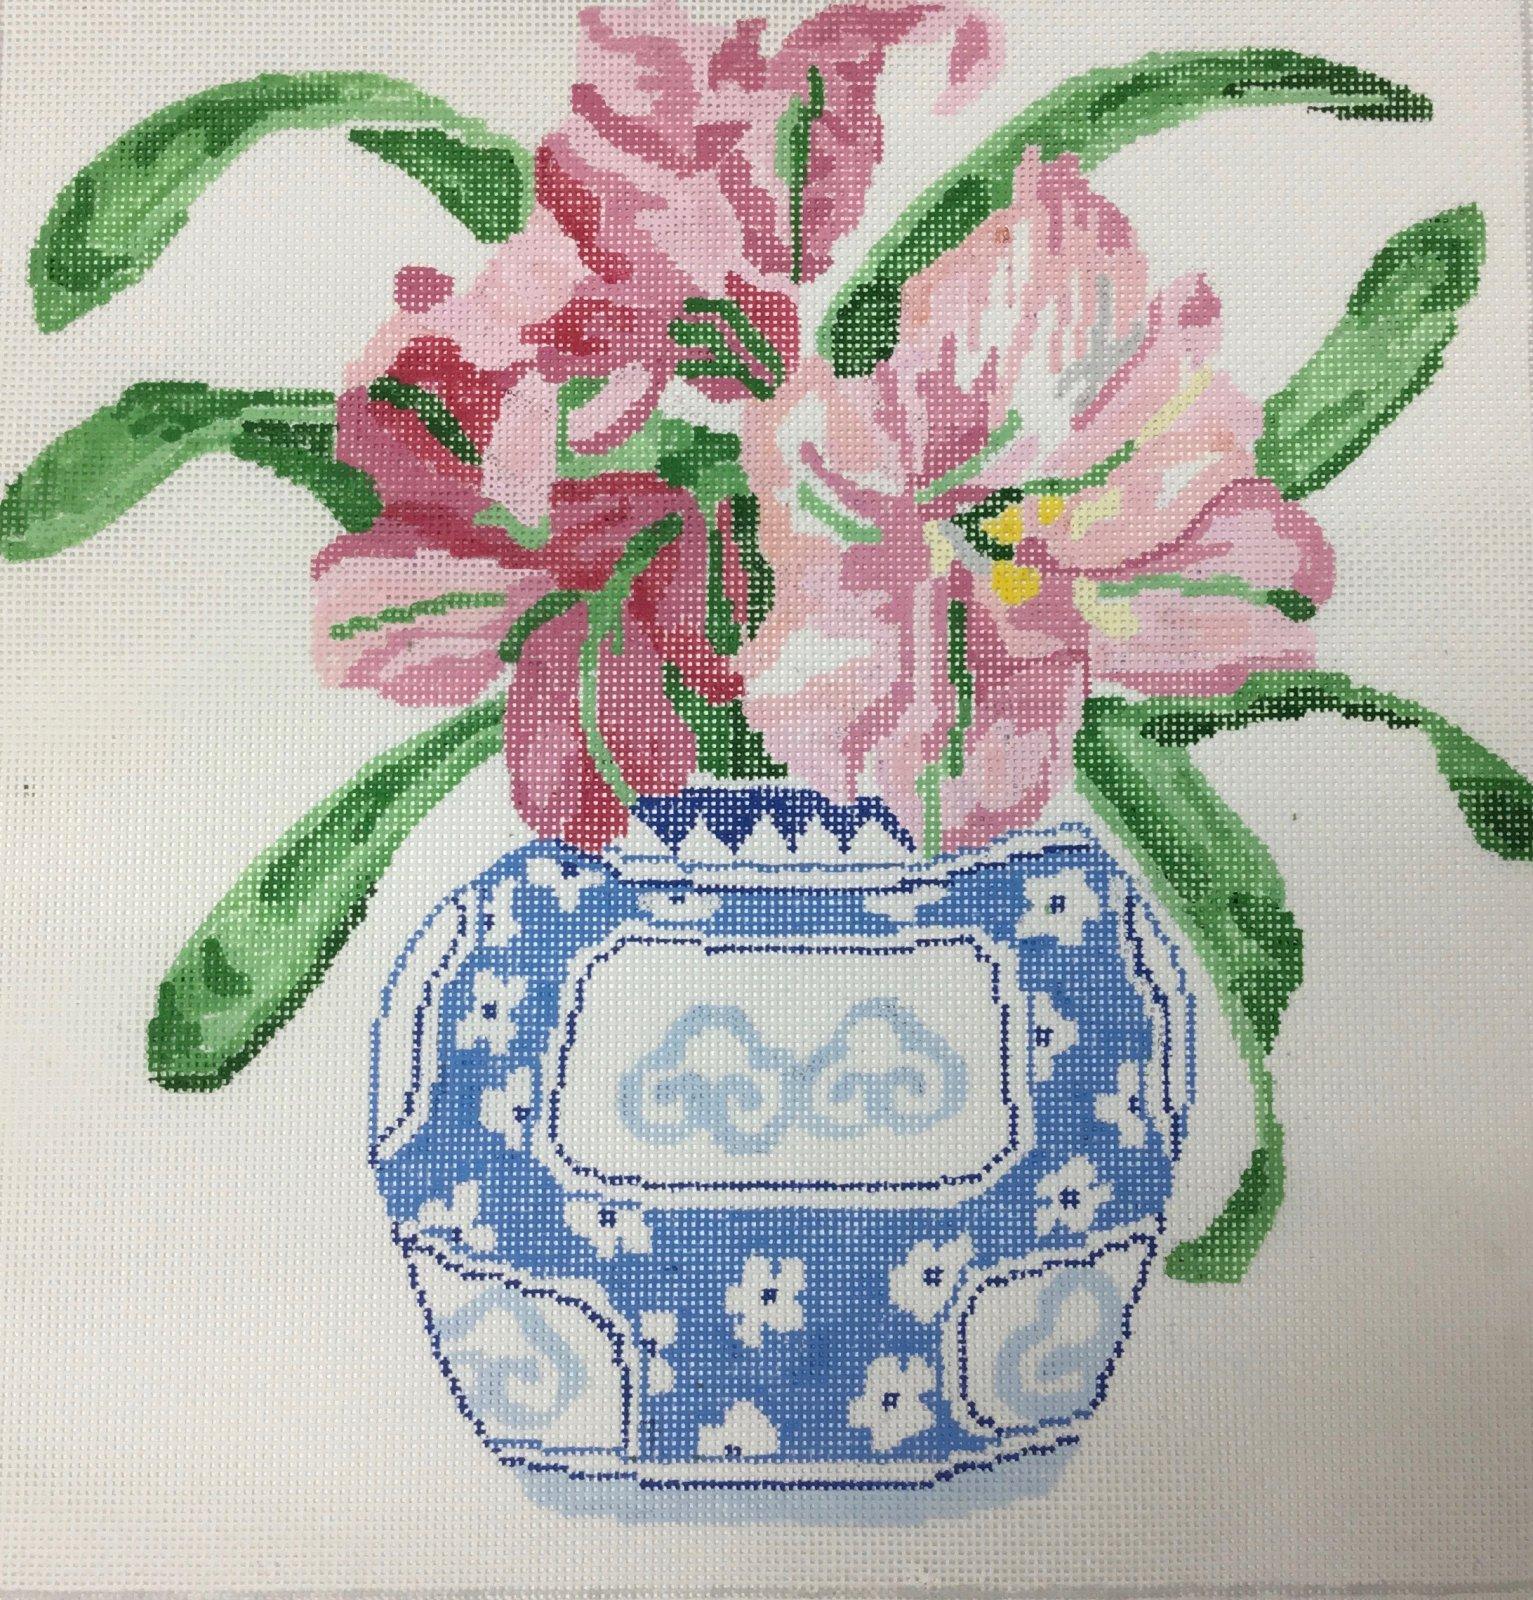 Blooming Amaryllis,13 ct.,14x14